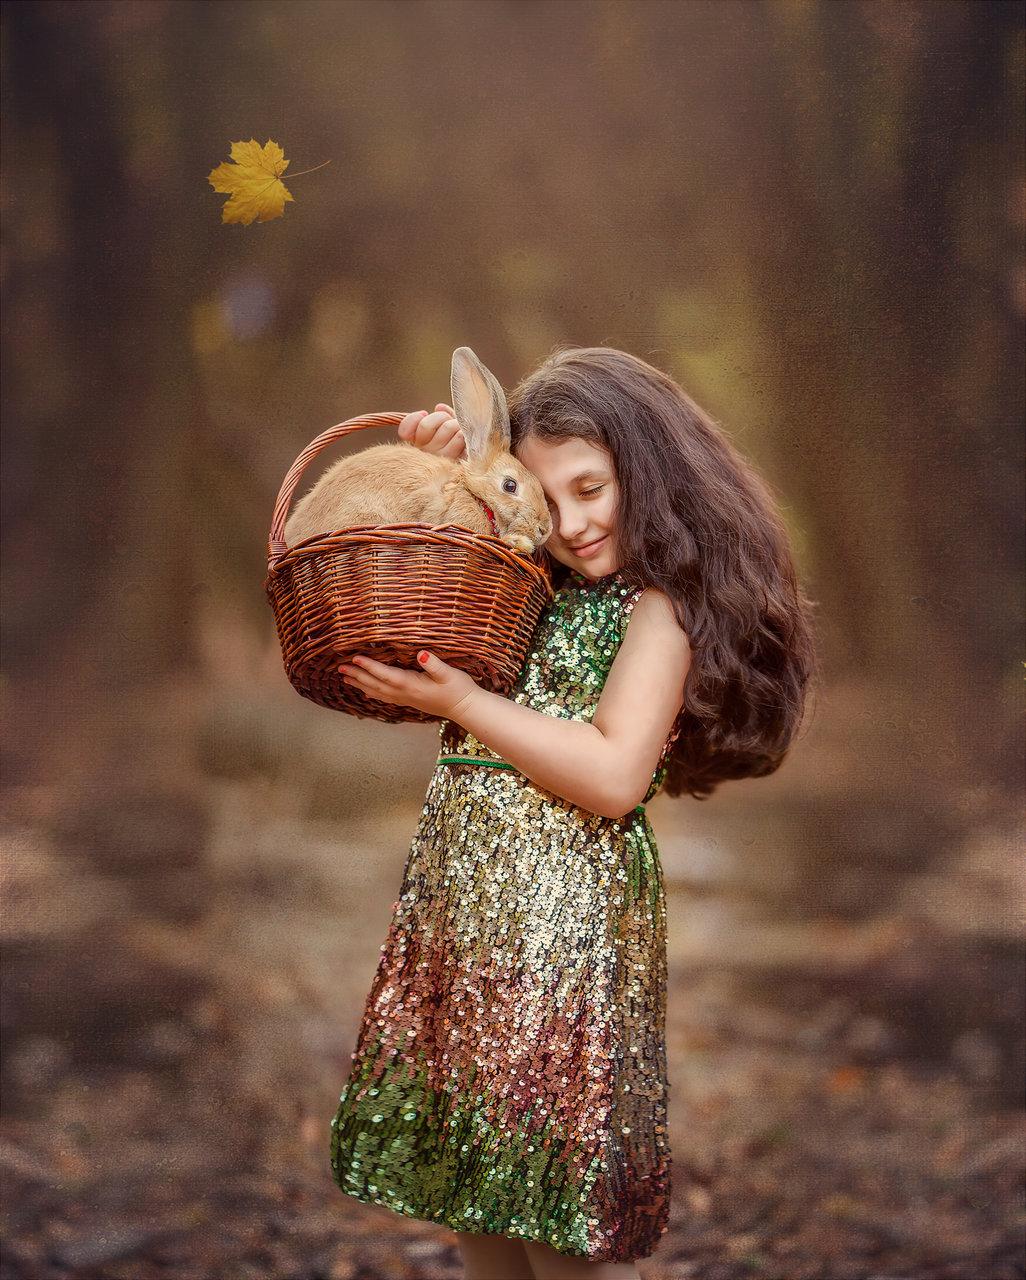 Чиста любов | Author Zoe-bg  - Zoe-bg | PHOTO FORUM